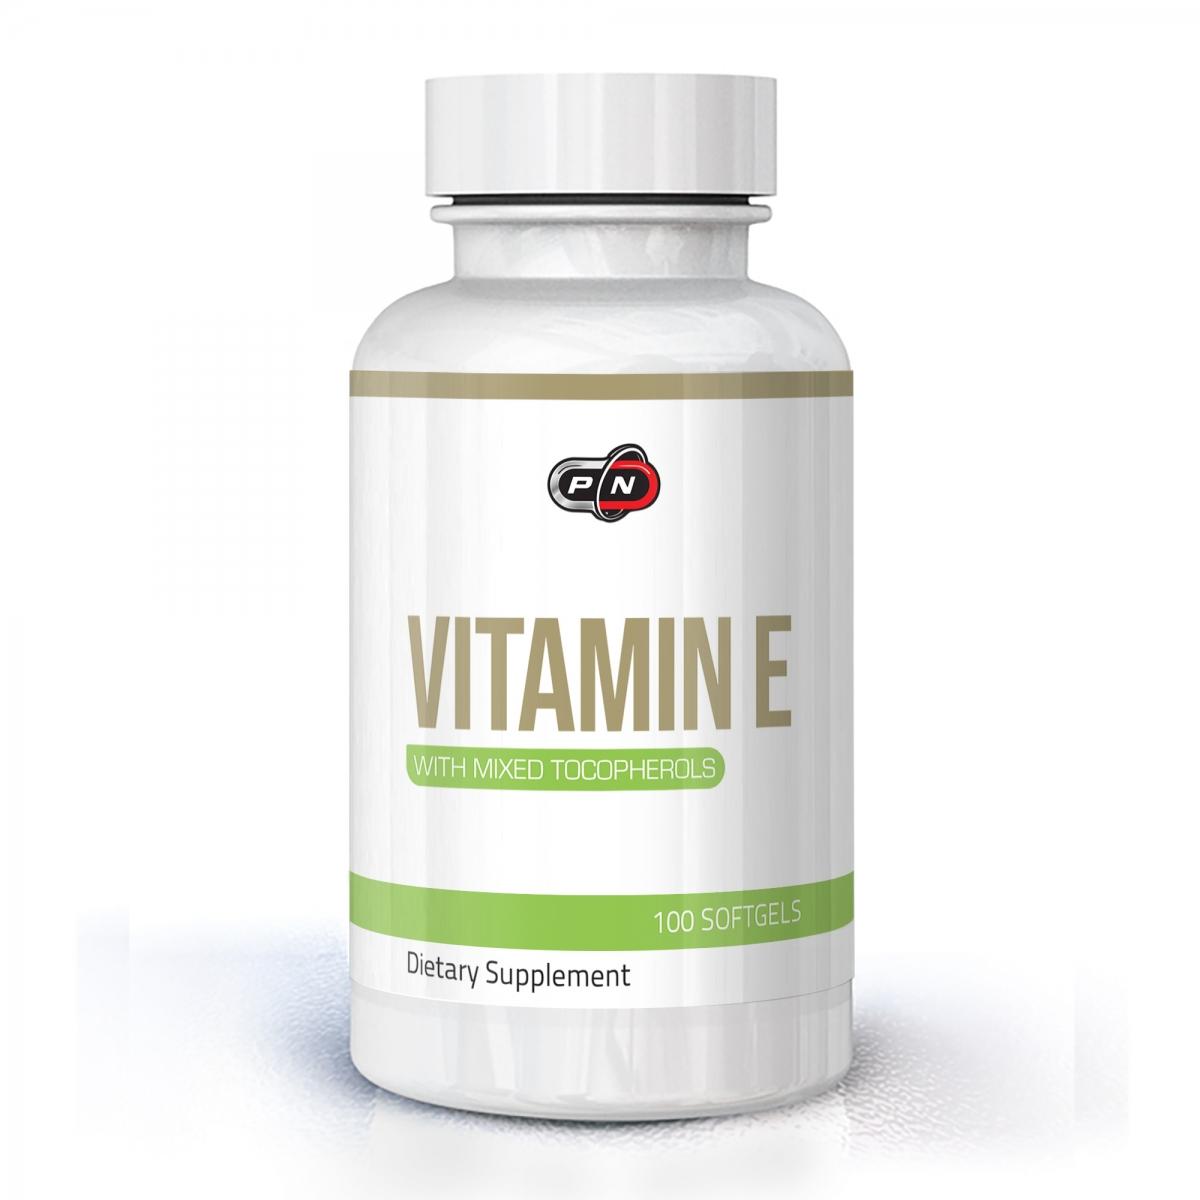 Pure Nutrition Vitamin E 400iu 100caps